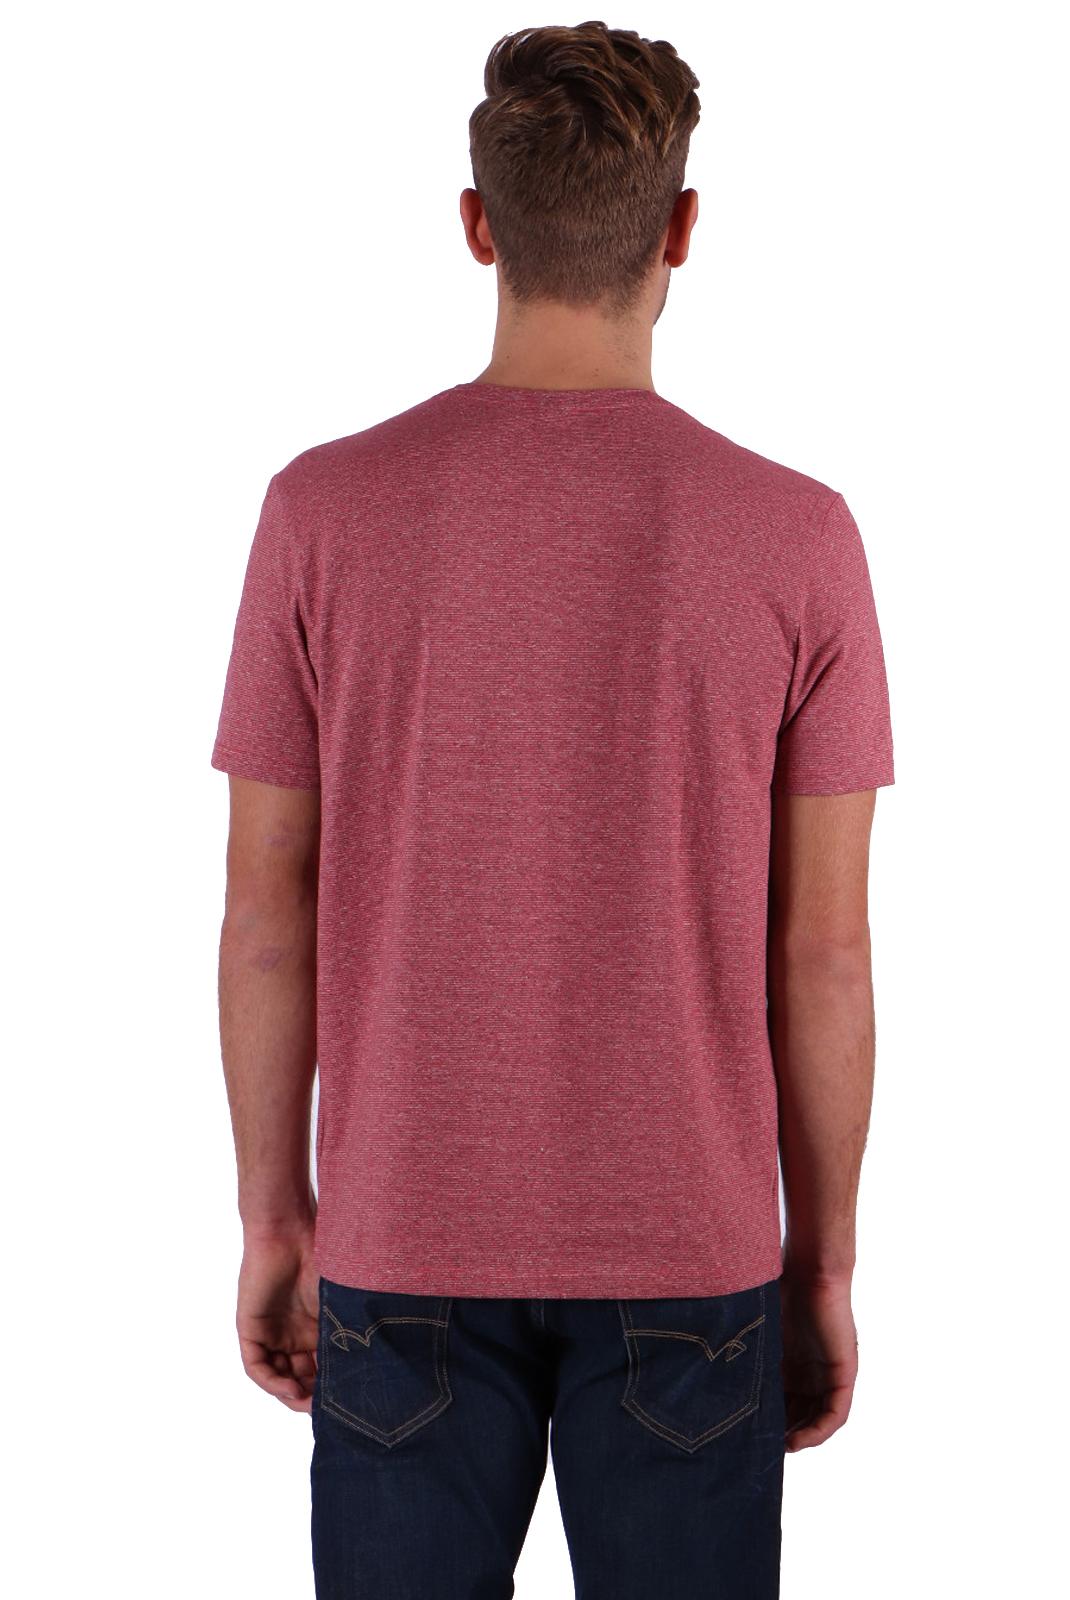 Tee-shirts  Kaporal MOLIA RED MELANGE